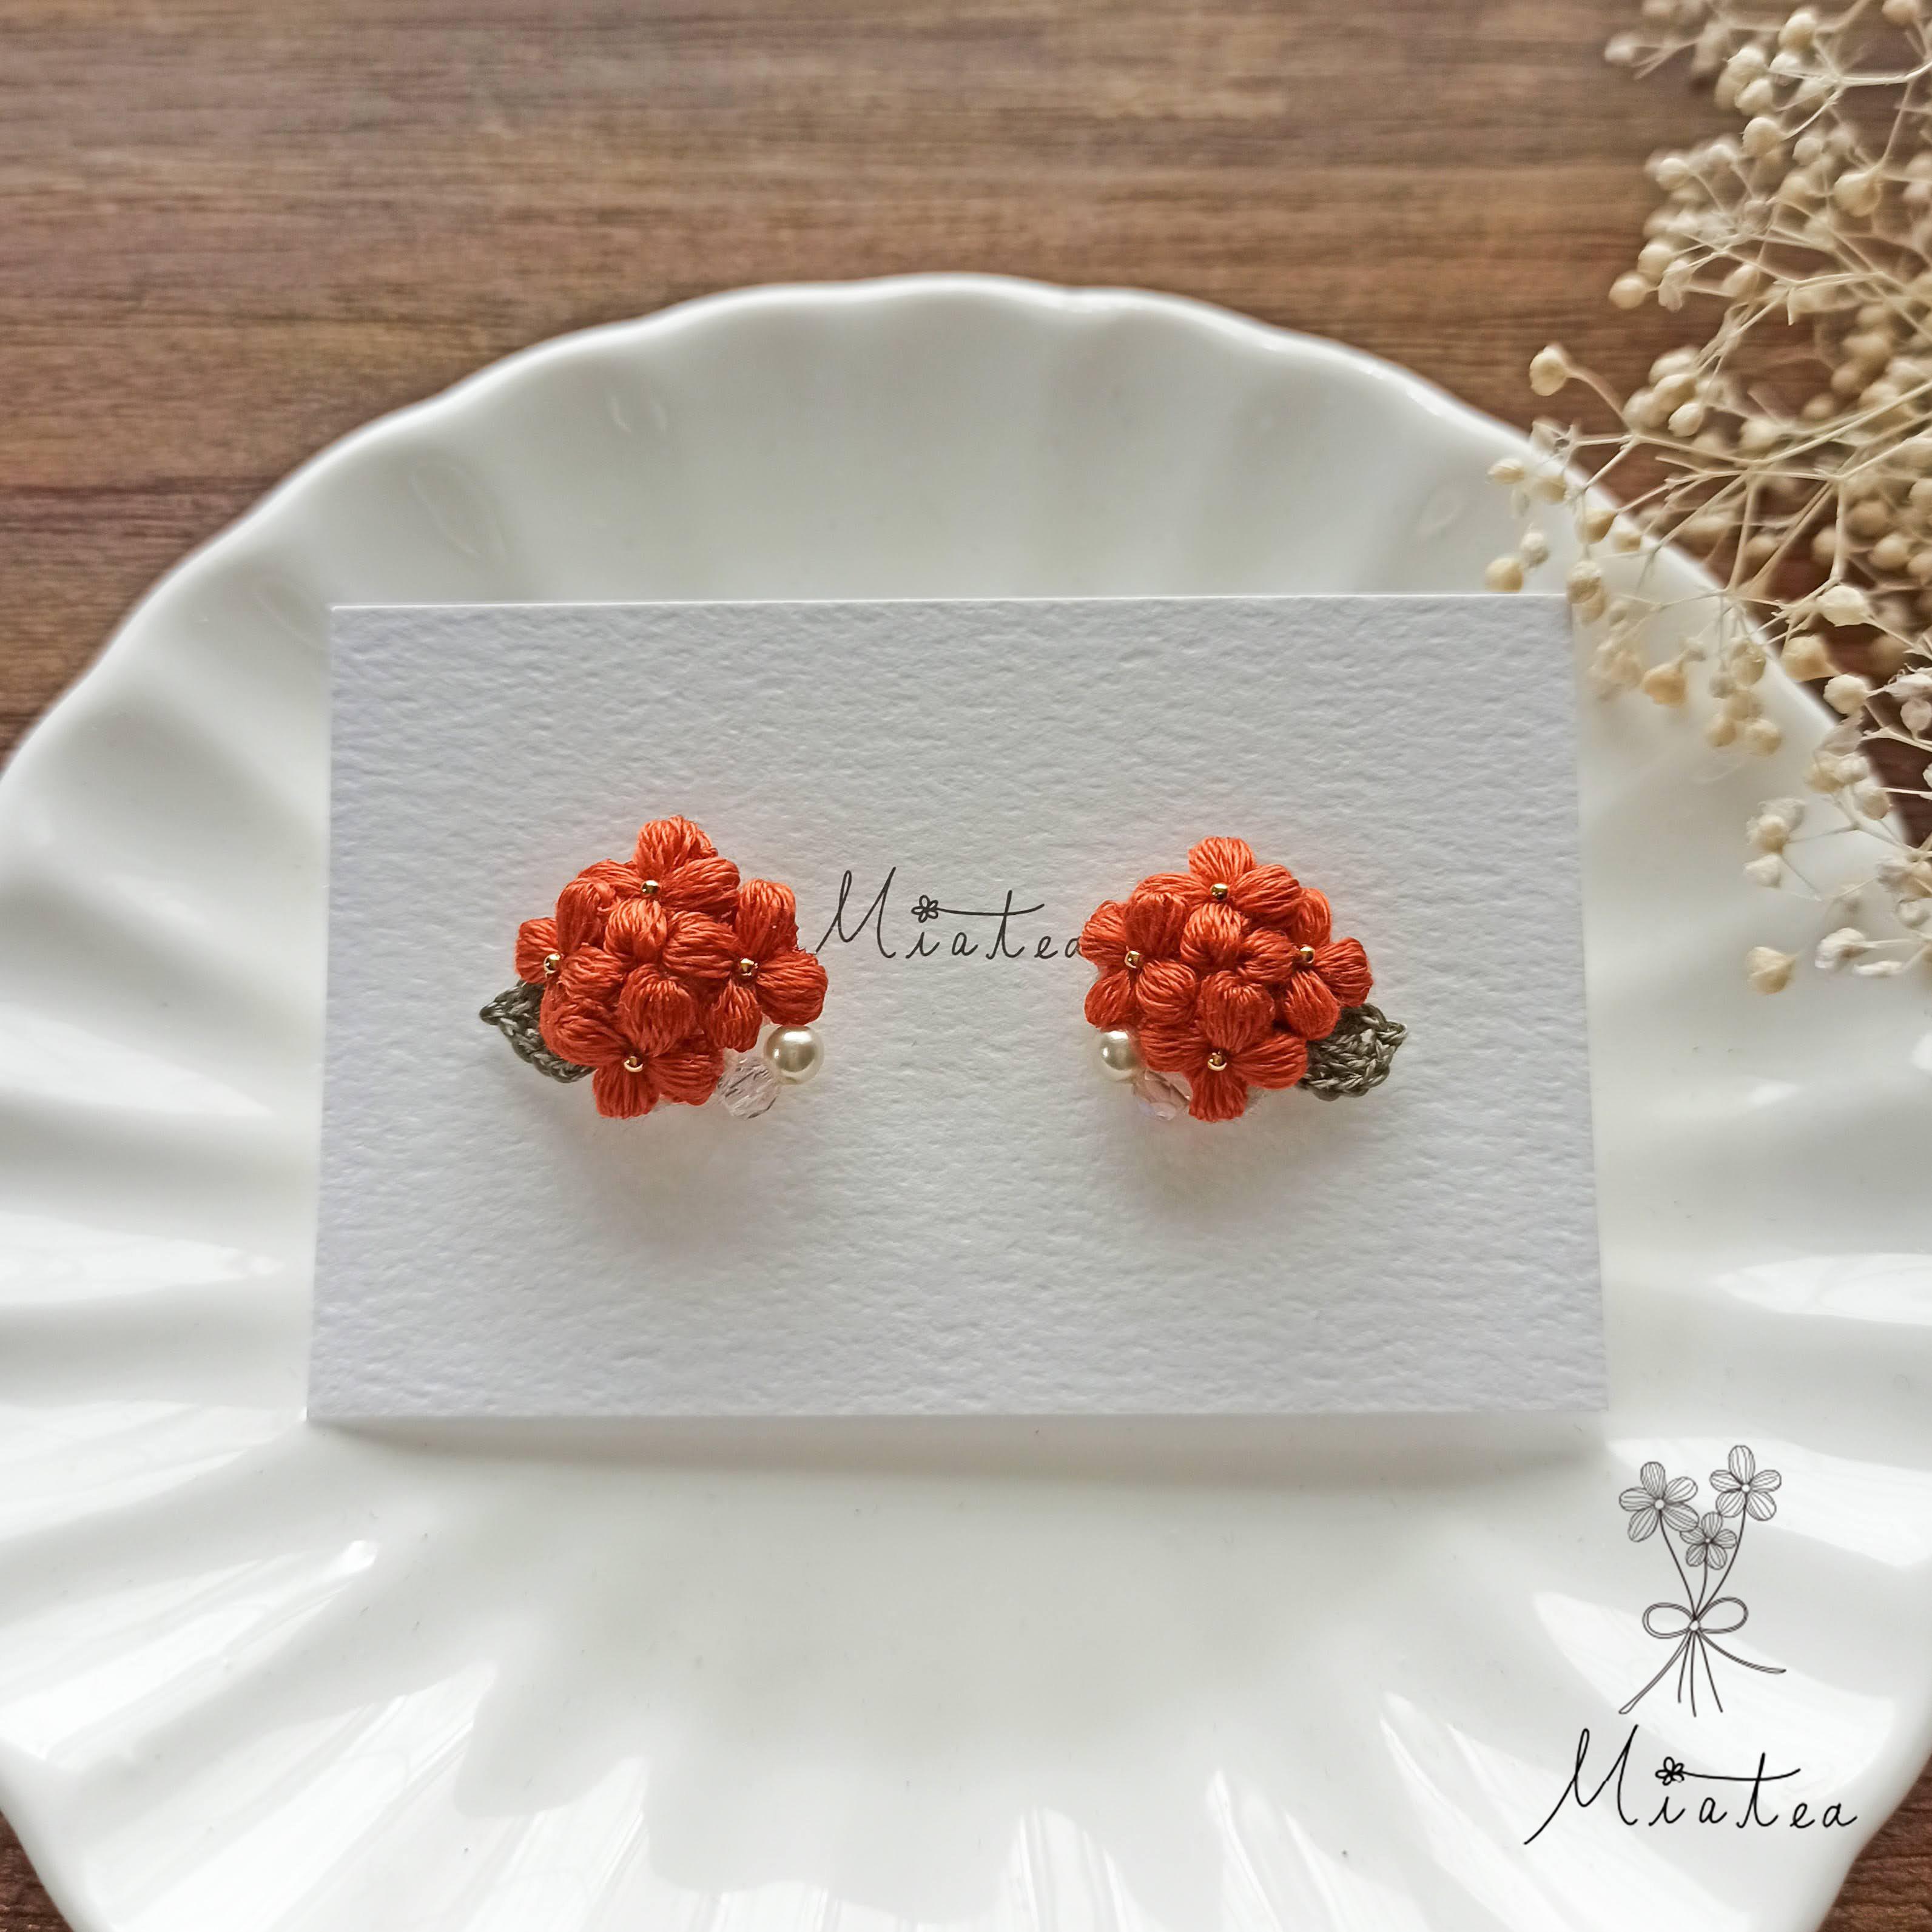 キンモクセイ*刺繍糸のお花ピアス/イヤリング